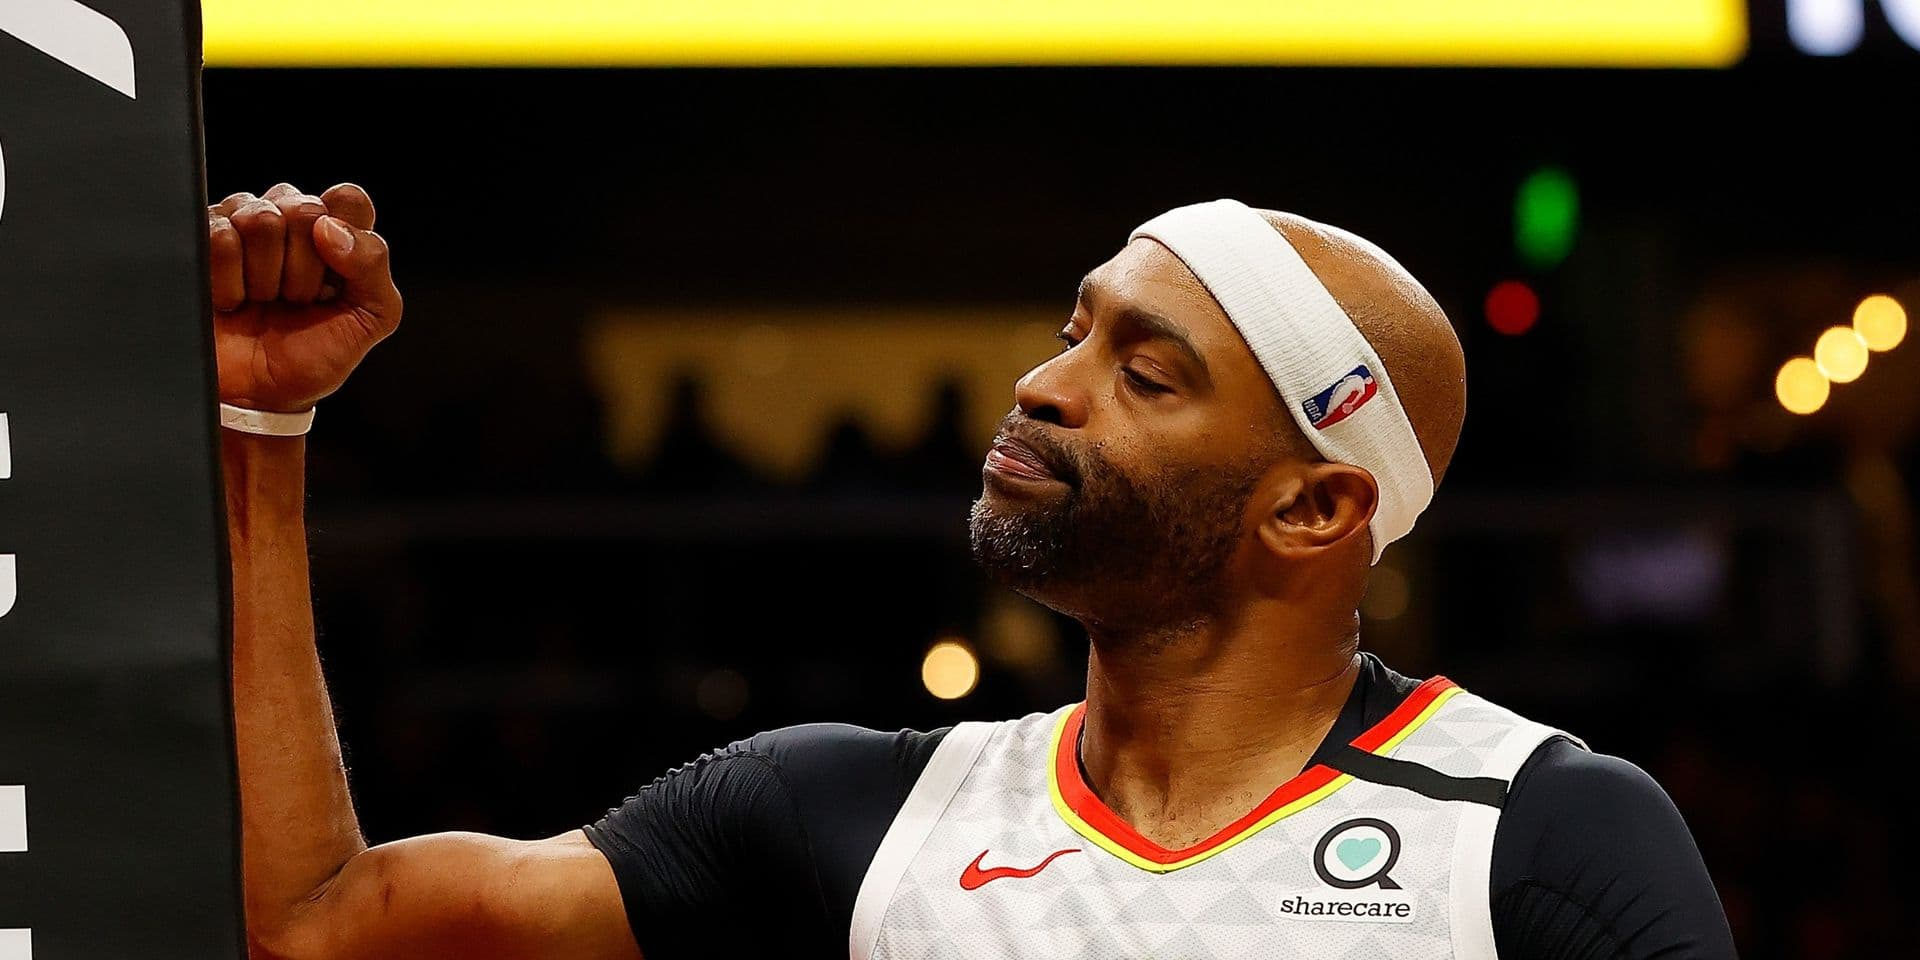 Seize joueurs positifs au Covid-19 en NBA lors des tests en vue de la reprise de la saison